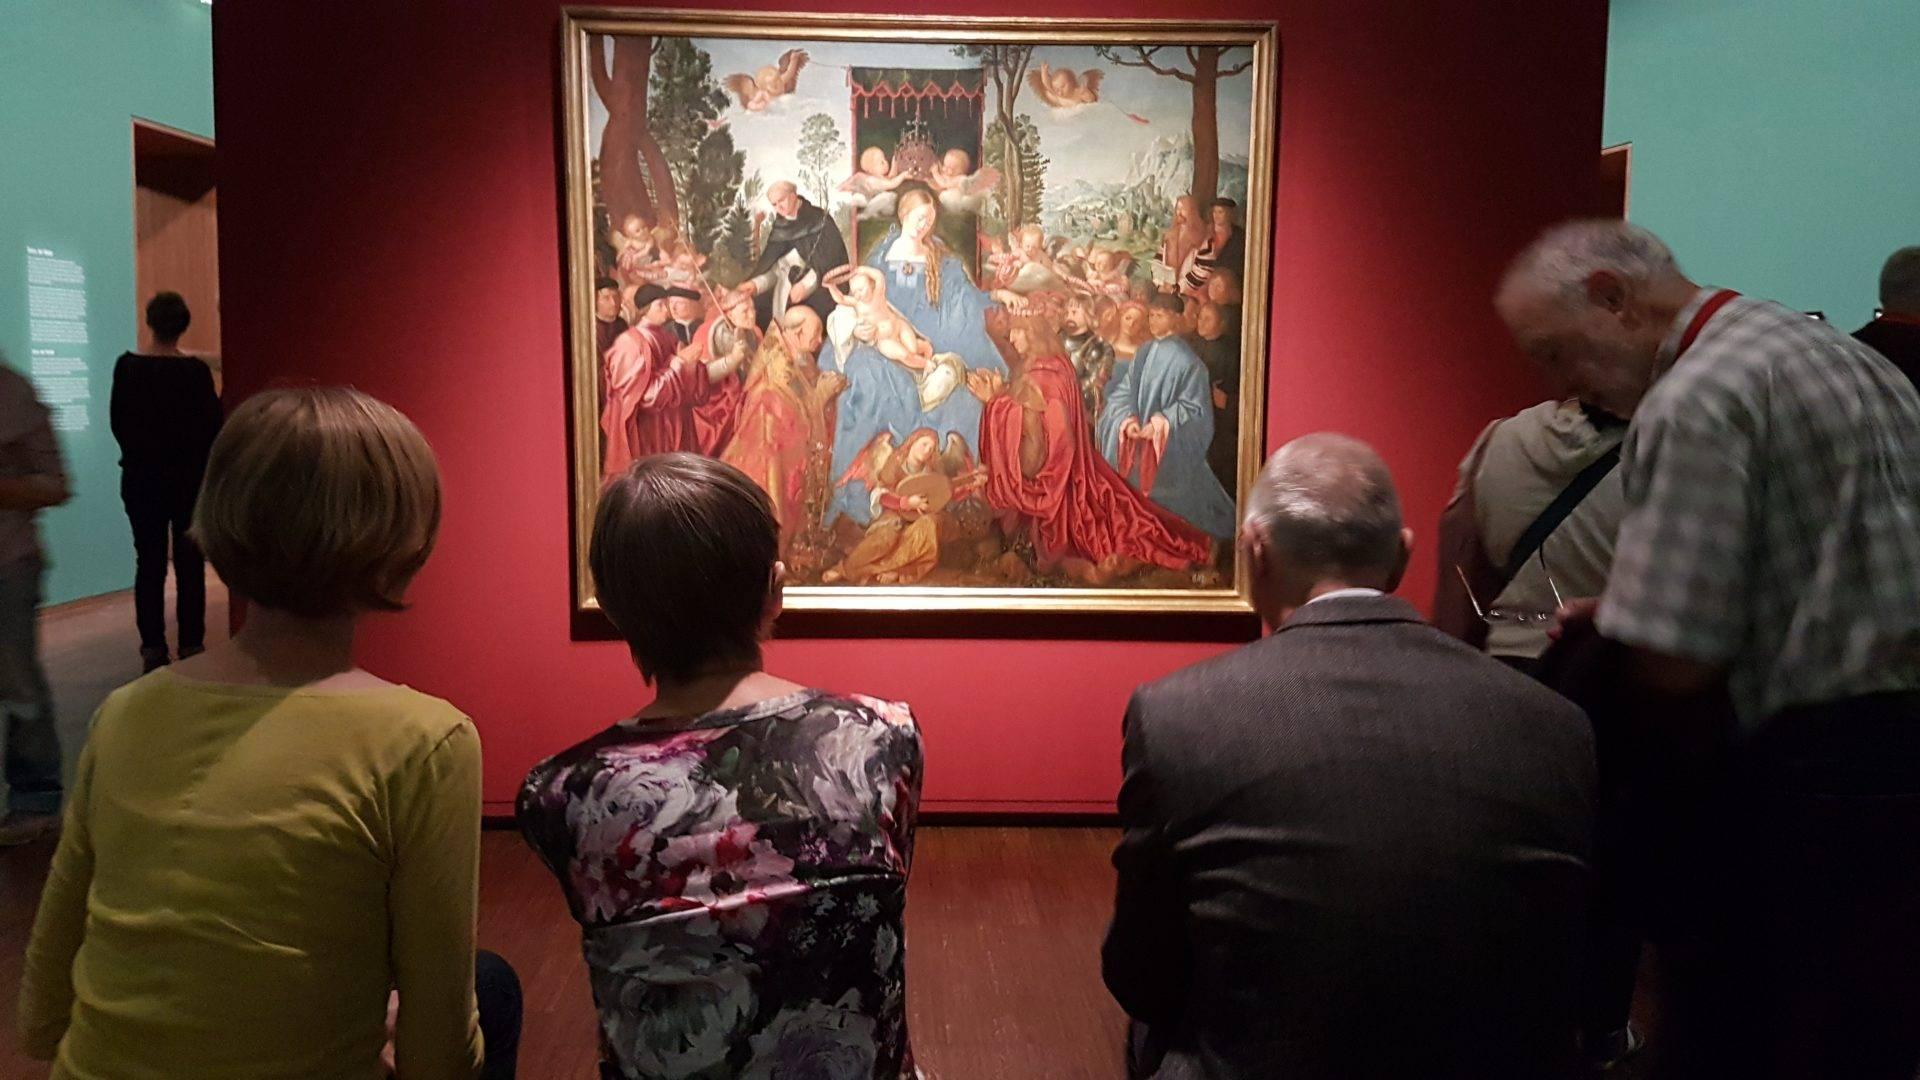 Зрители в экспозиции Альбрехта Дюрера в экспозиции выставки в Альбертине. Фото Art with me! e.U., 2019